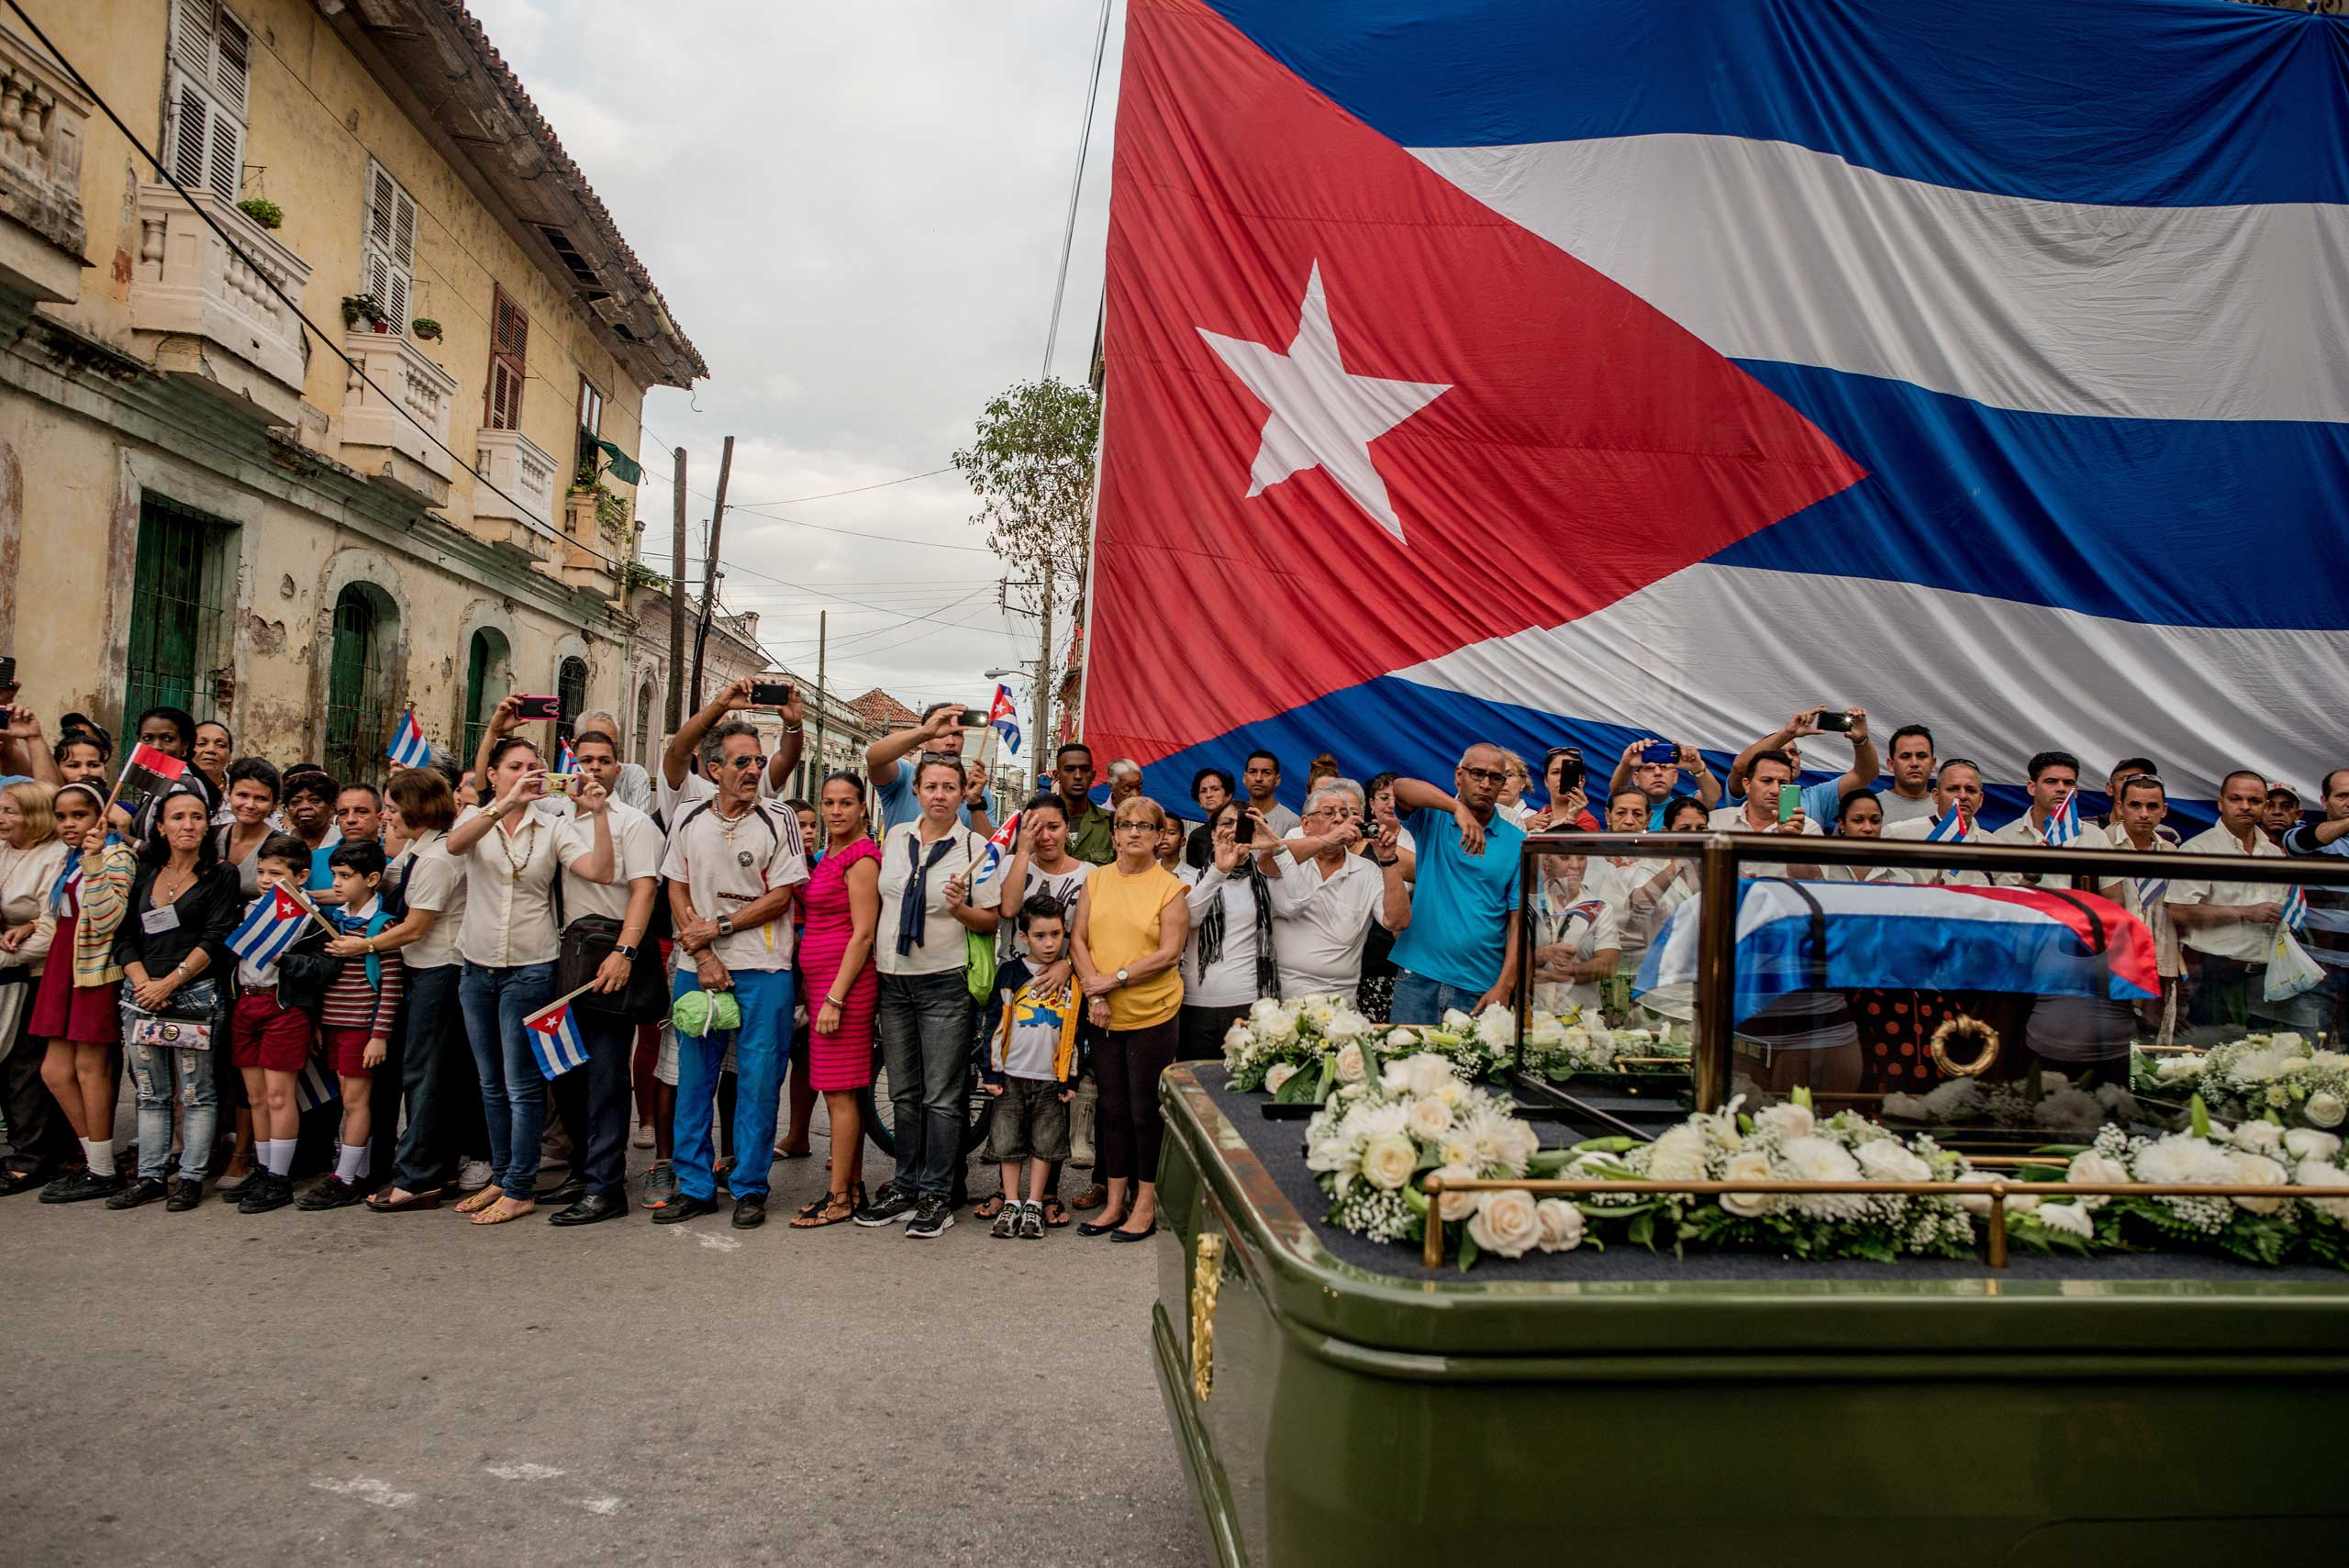 Fidel Castro's funeral procession in Santa Clara, Cuba on  Dec. 1, 2016.